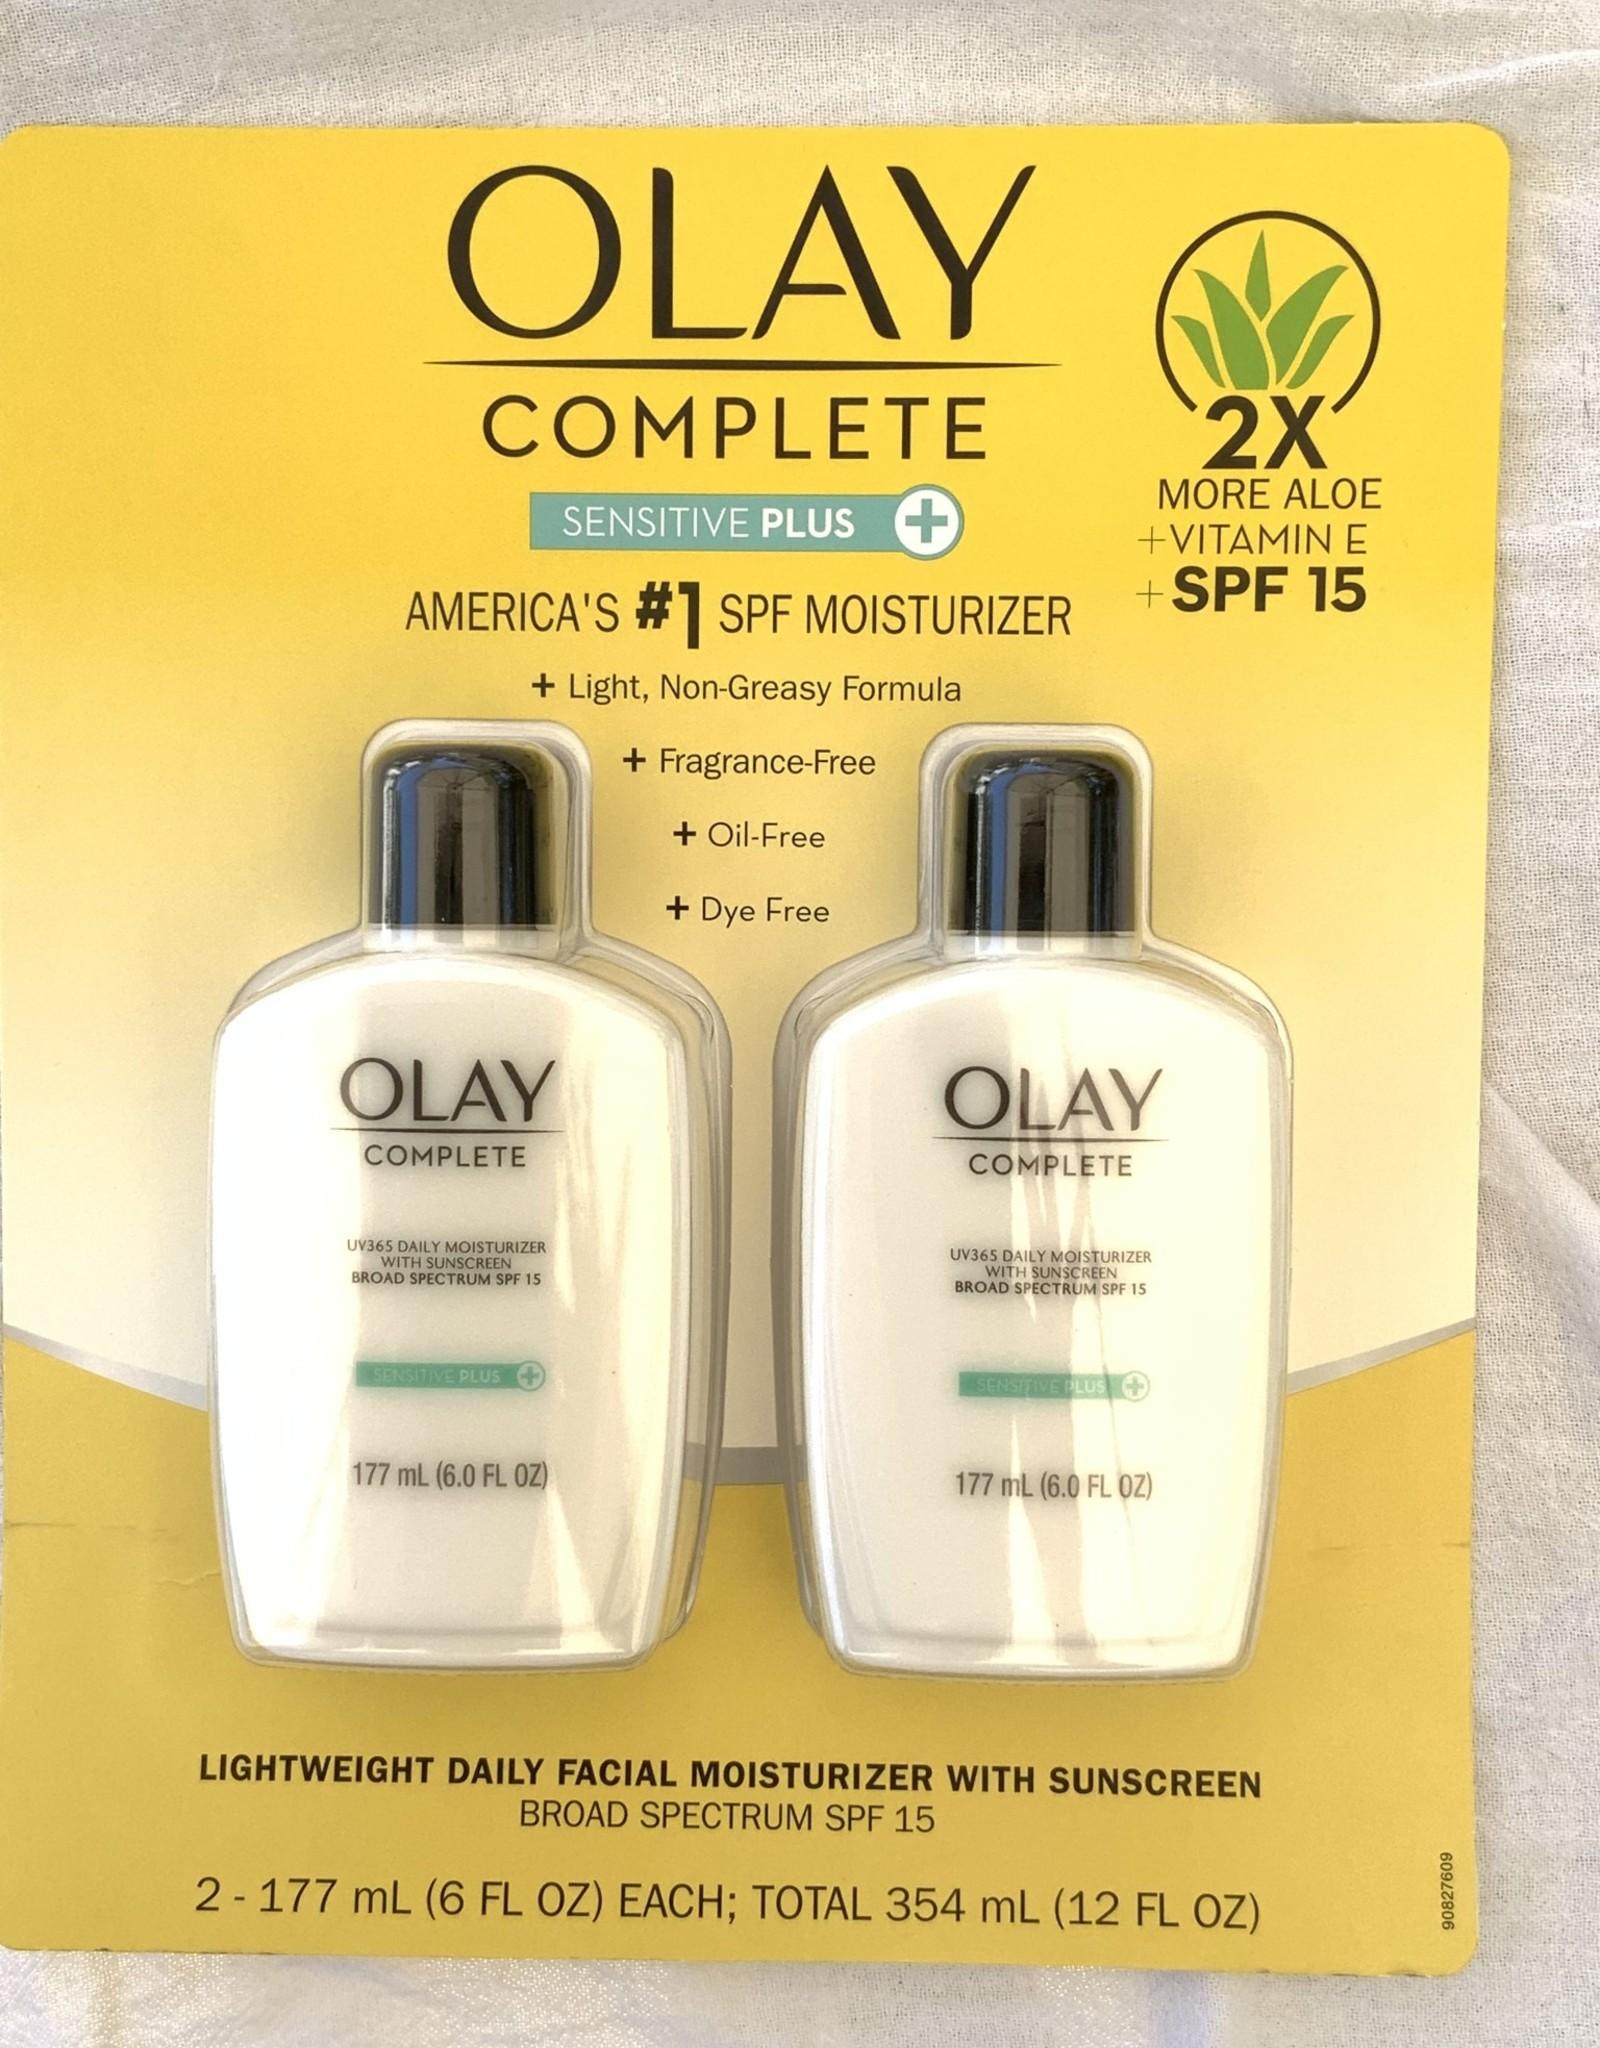 Olay Olay Complete UV365 Daily Moisturizer with Sunscreen